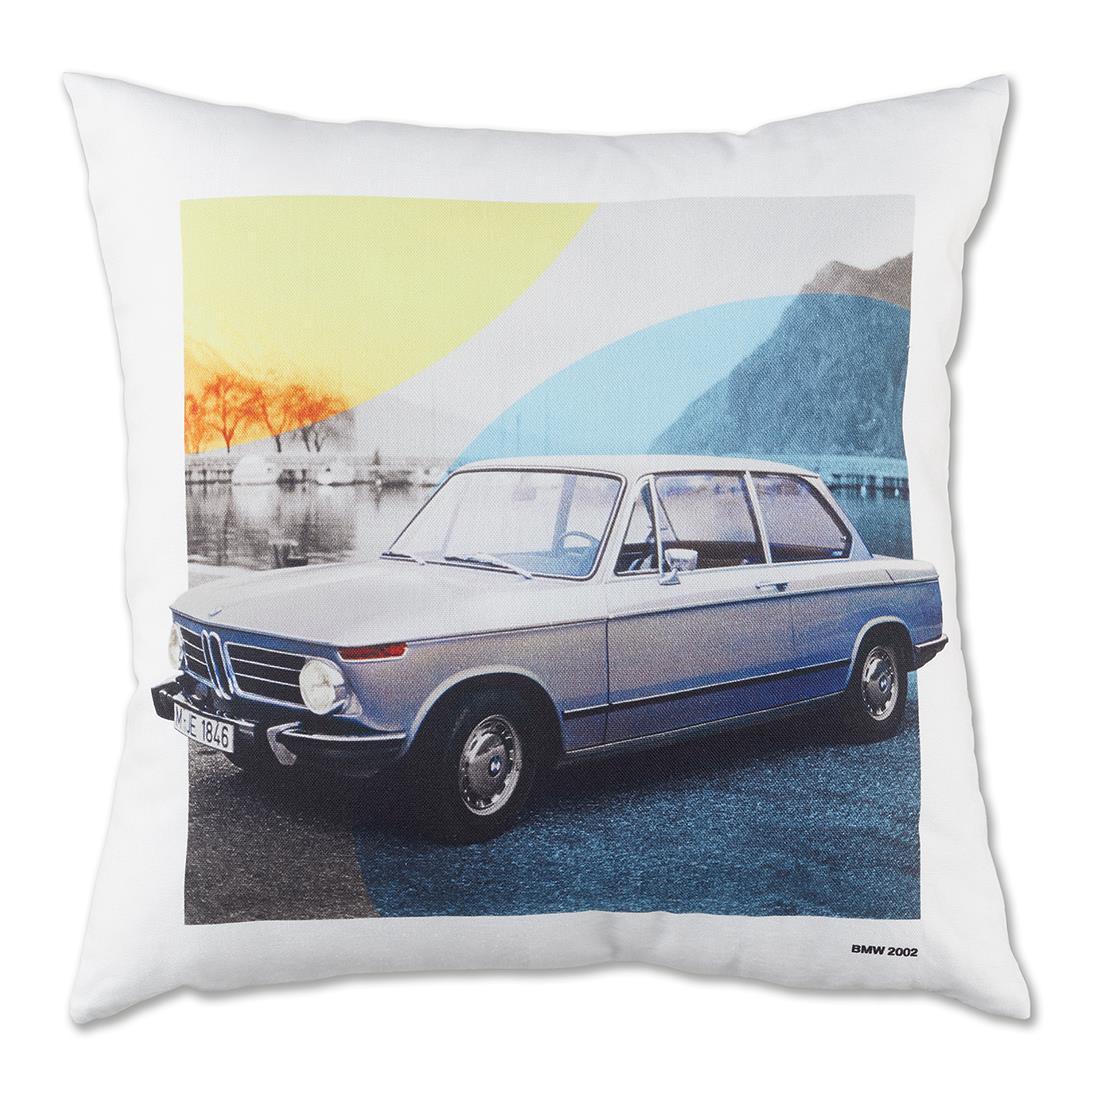 BMW Classic Pillow BMW 2002